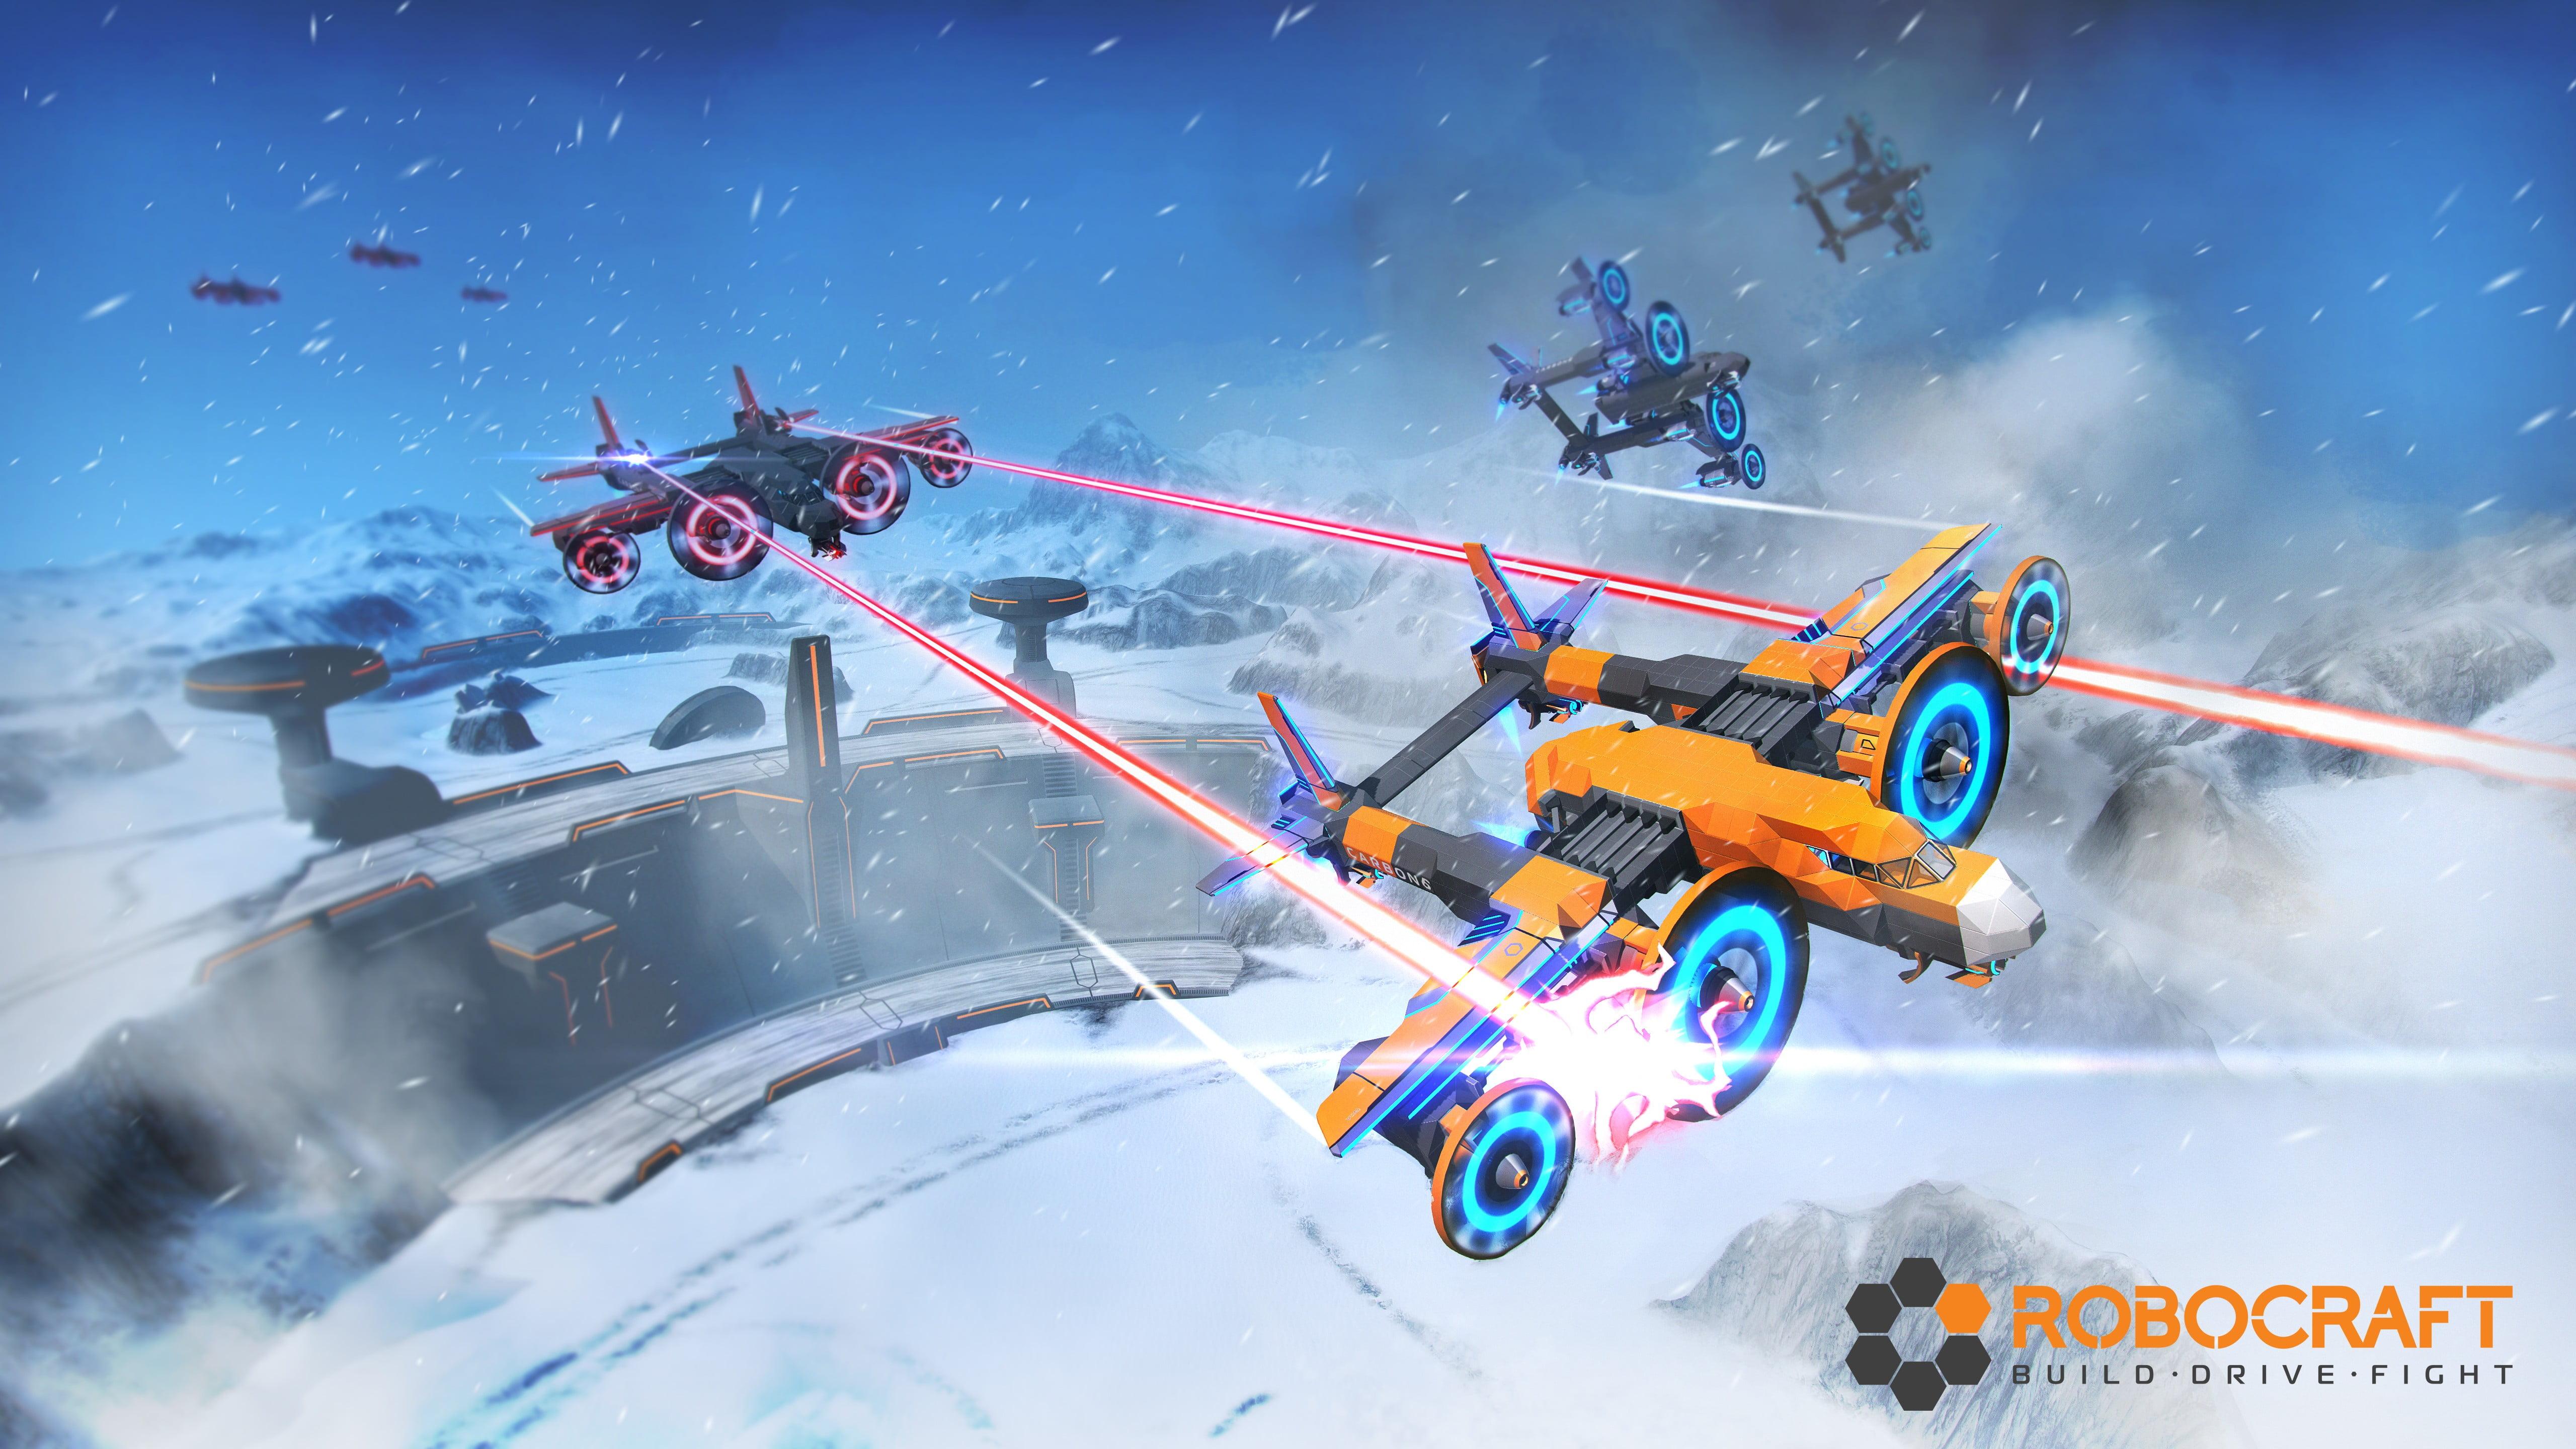 Robocraft toy spaceships robocraft video games robot HD 5120x2880